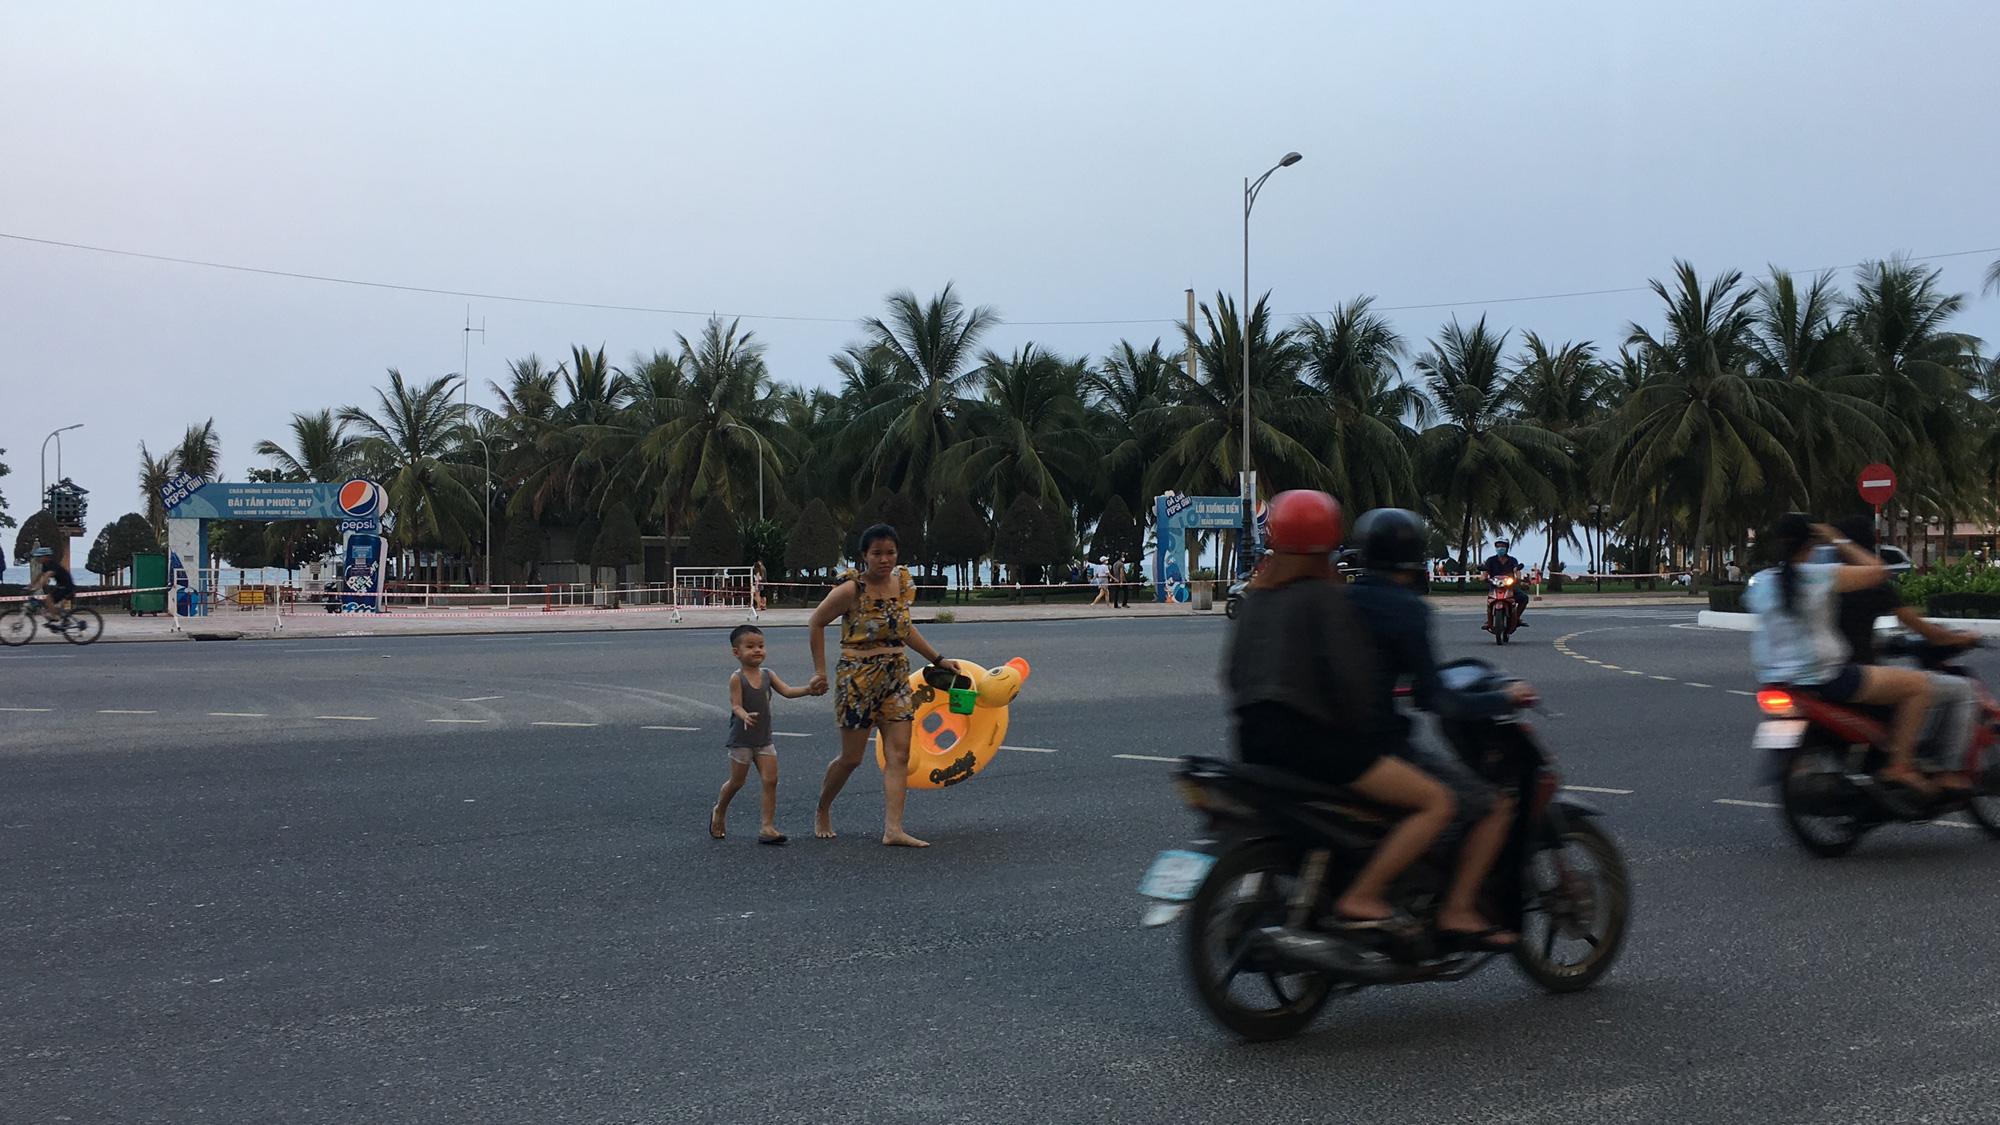 Ven biển Đà Nẵng bị rào chắn hơn 1km, các dịch vụ ngừng hoạt động hàng loạt để phòng dịch Covid-19 - Ảnh 17.